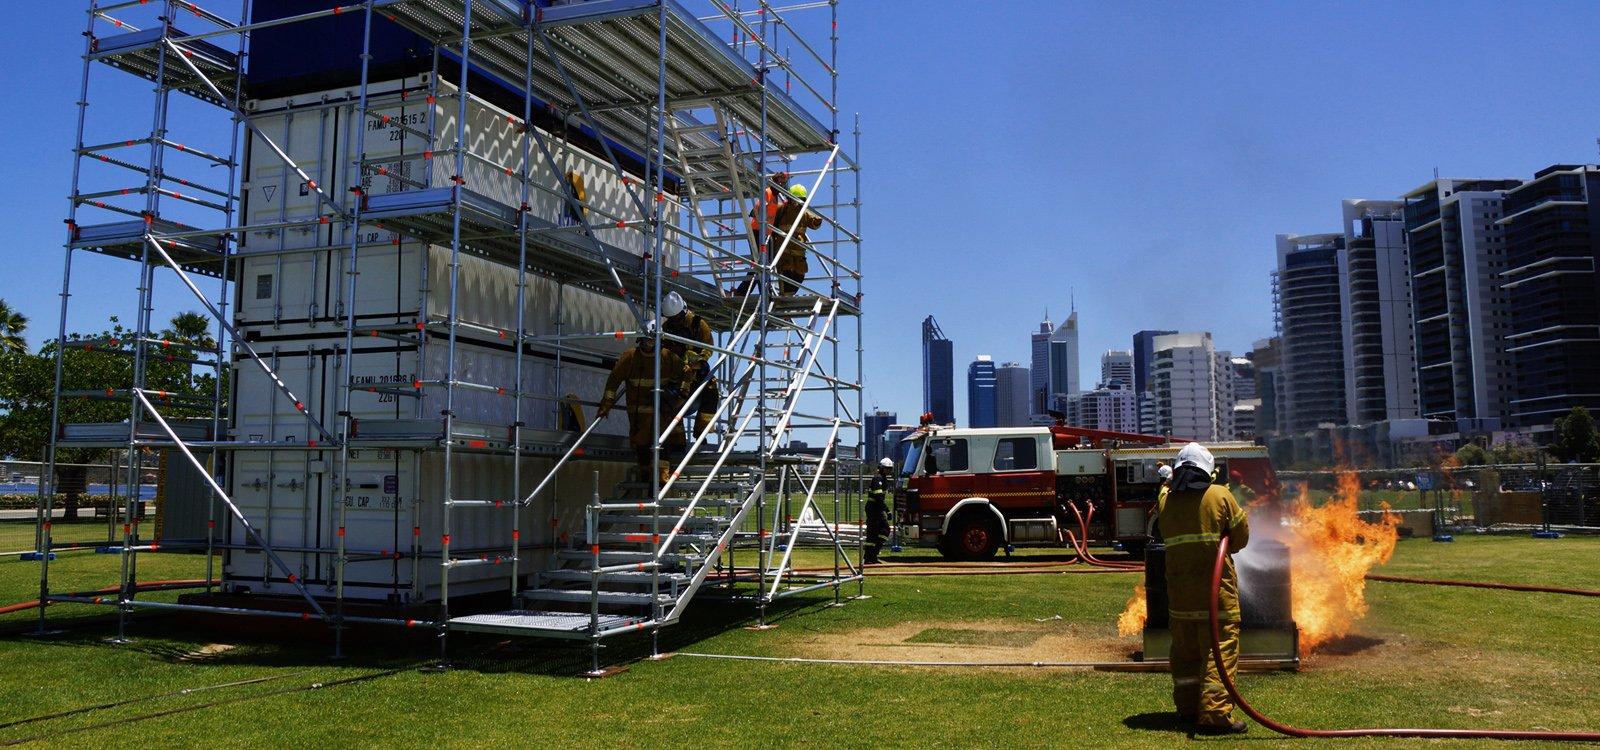 Соревнование аварийно-спасательных служб горнодобывающей отрасли (MERC) ежегодно проводится в городе Перт, Австралия.